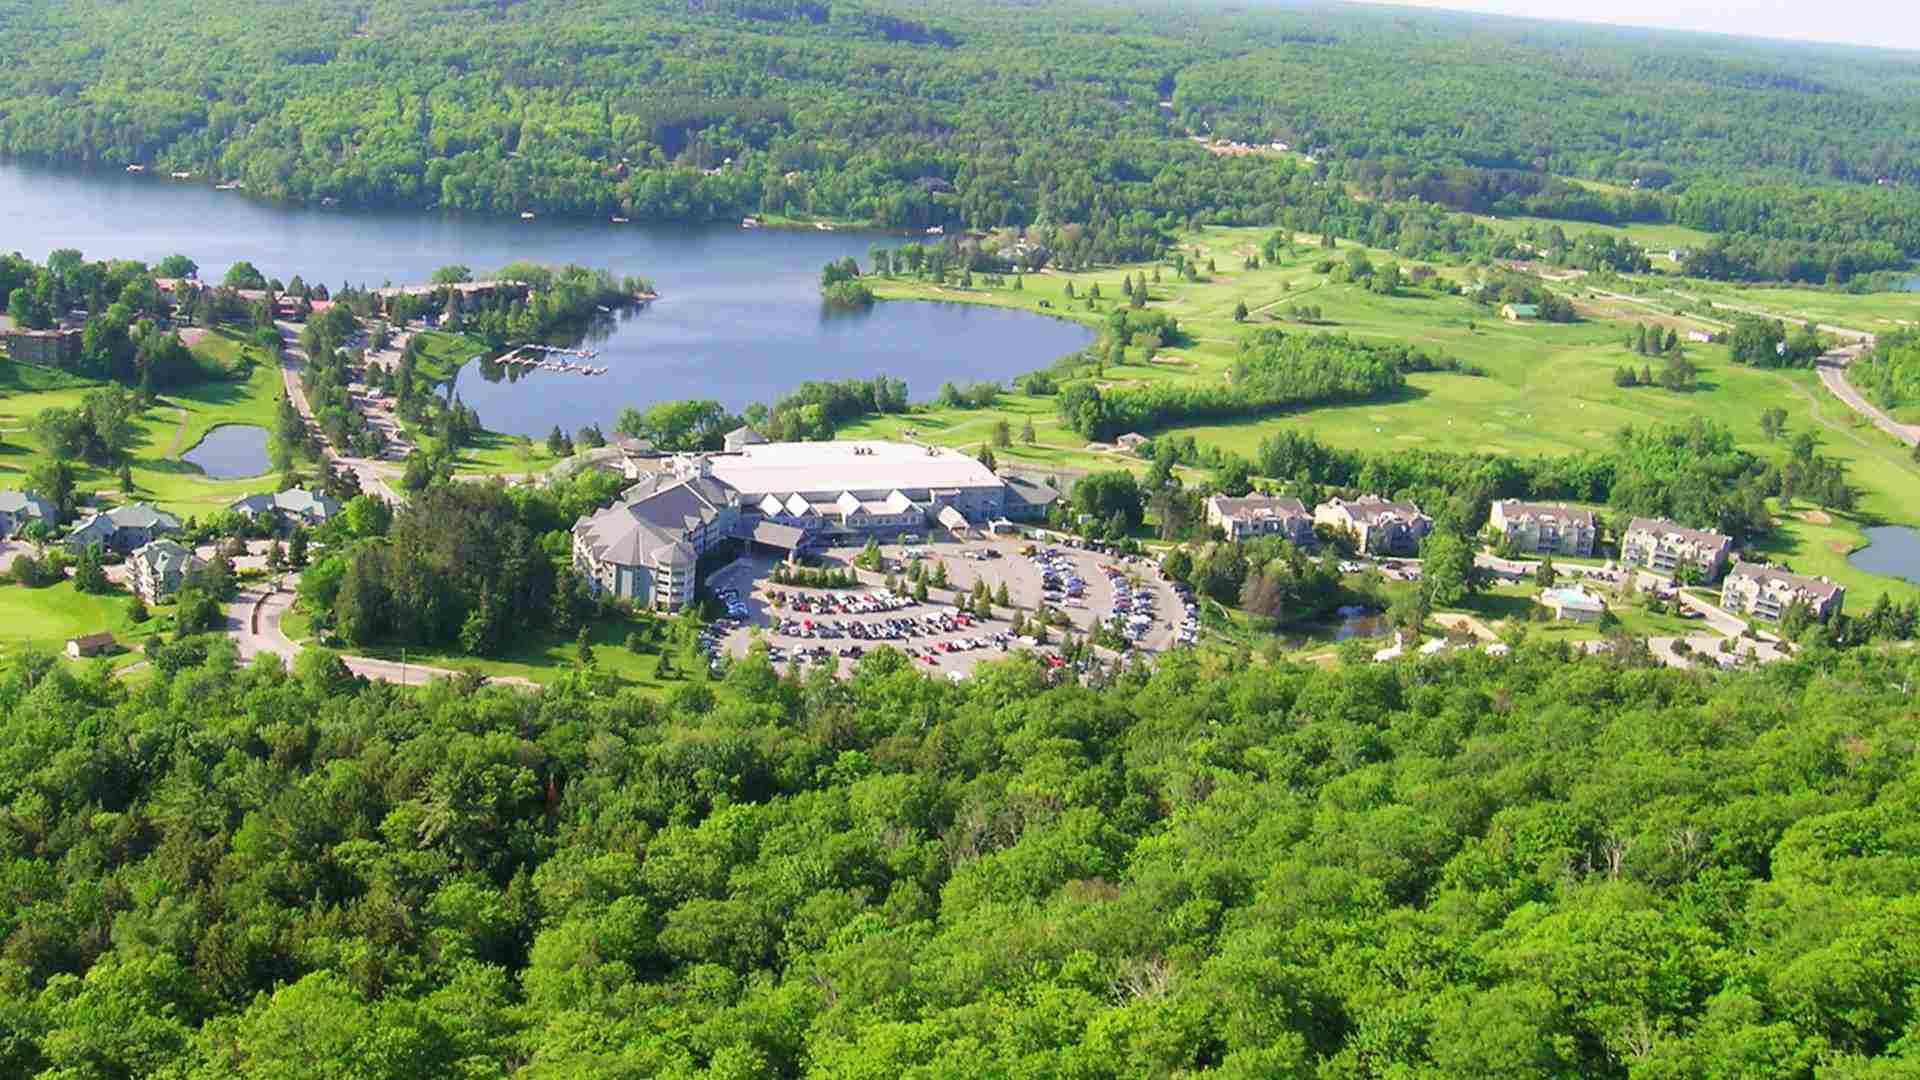 Deerhurst Resort, Ontario, Canada